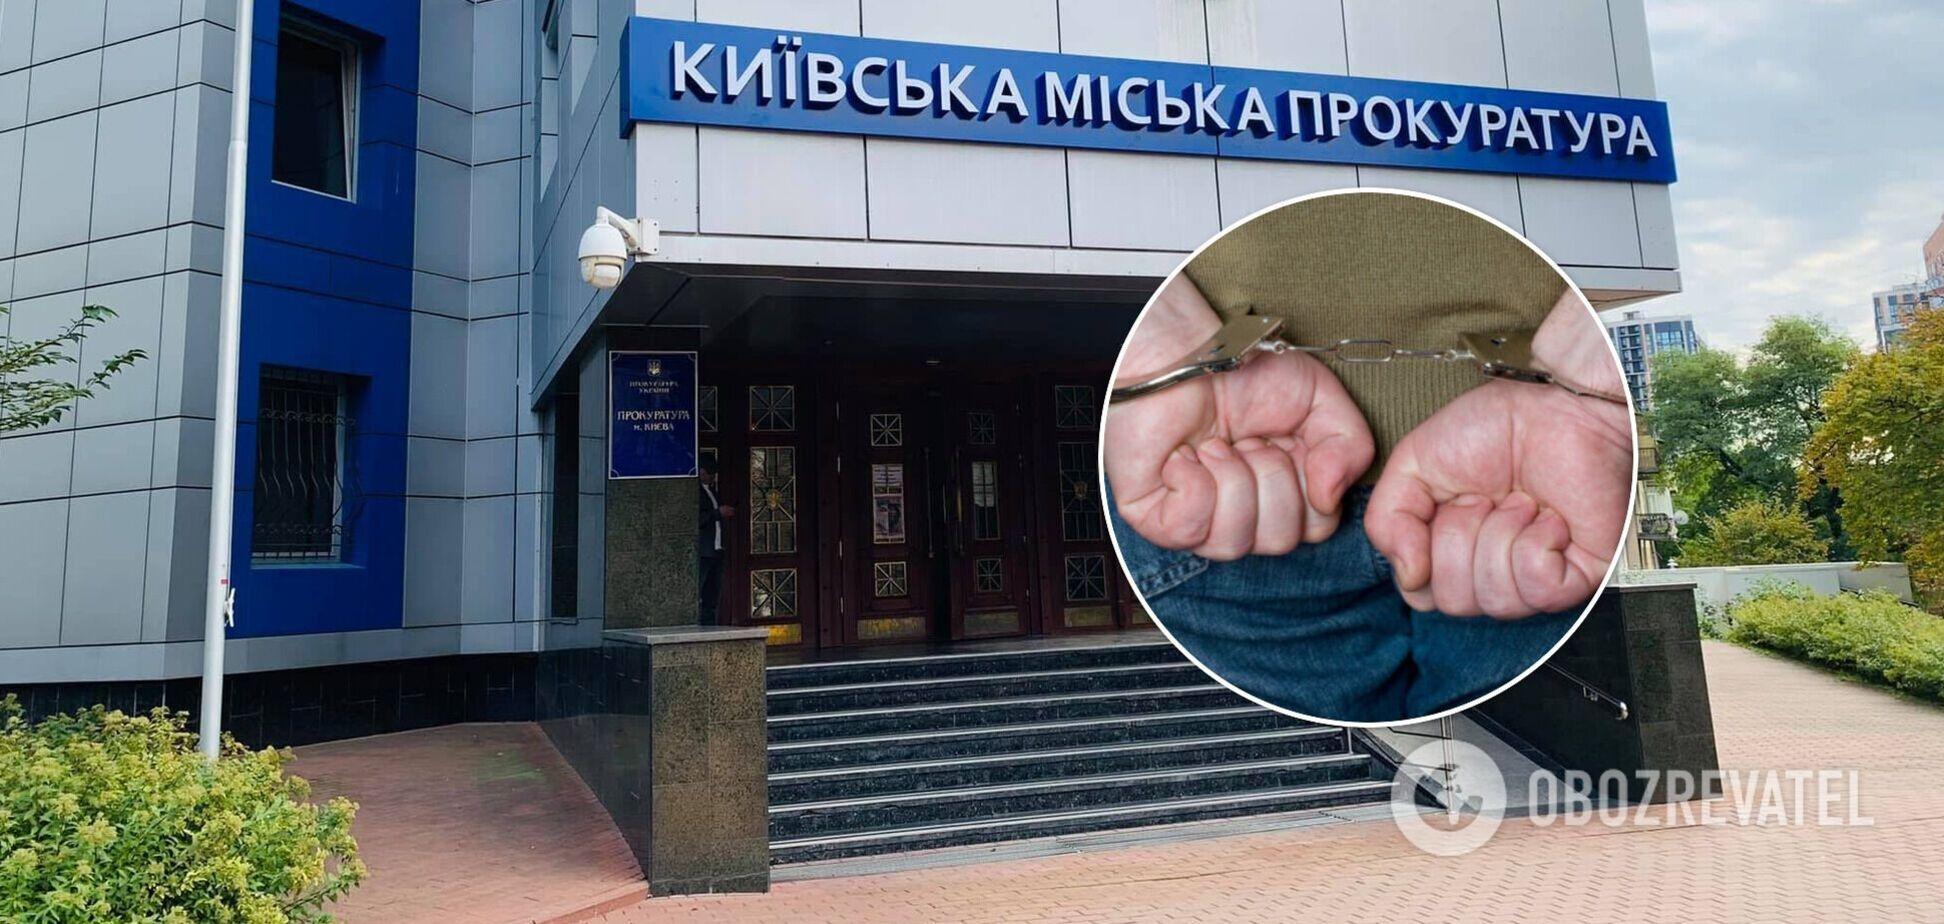 Зловмисника затримали в будинку на вулиці Петра Запорожця